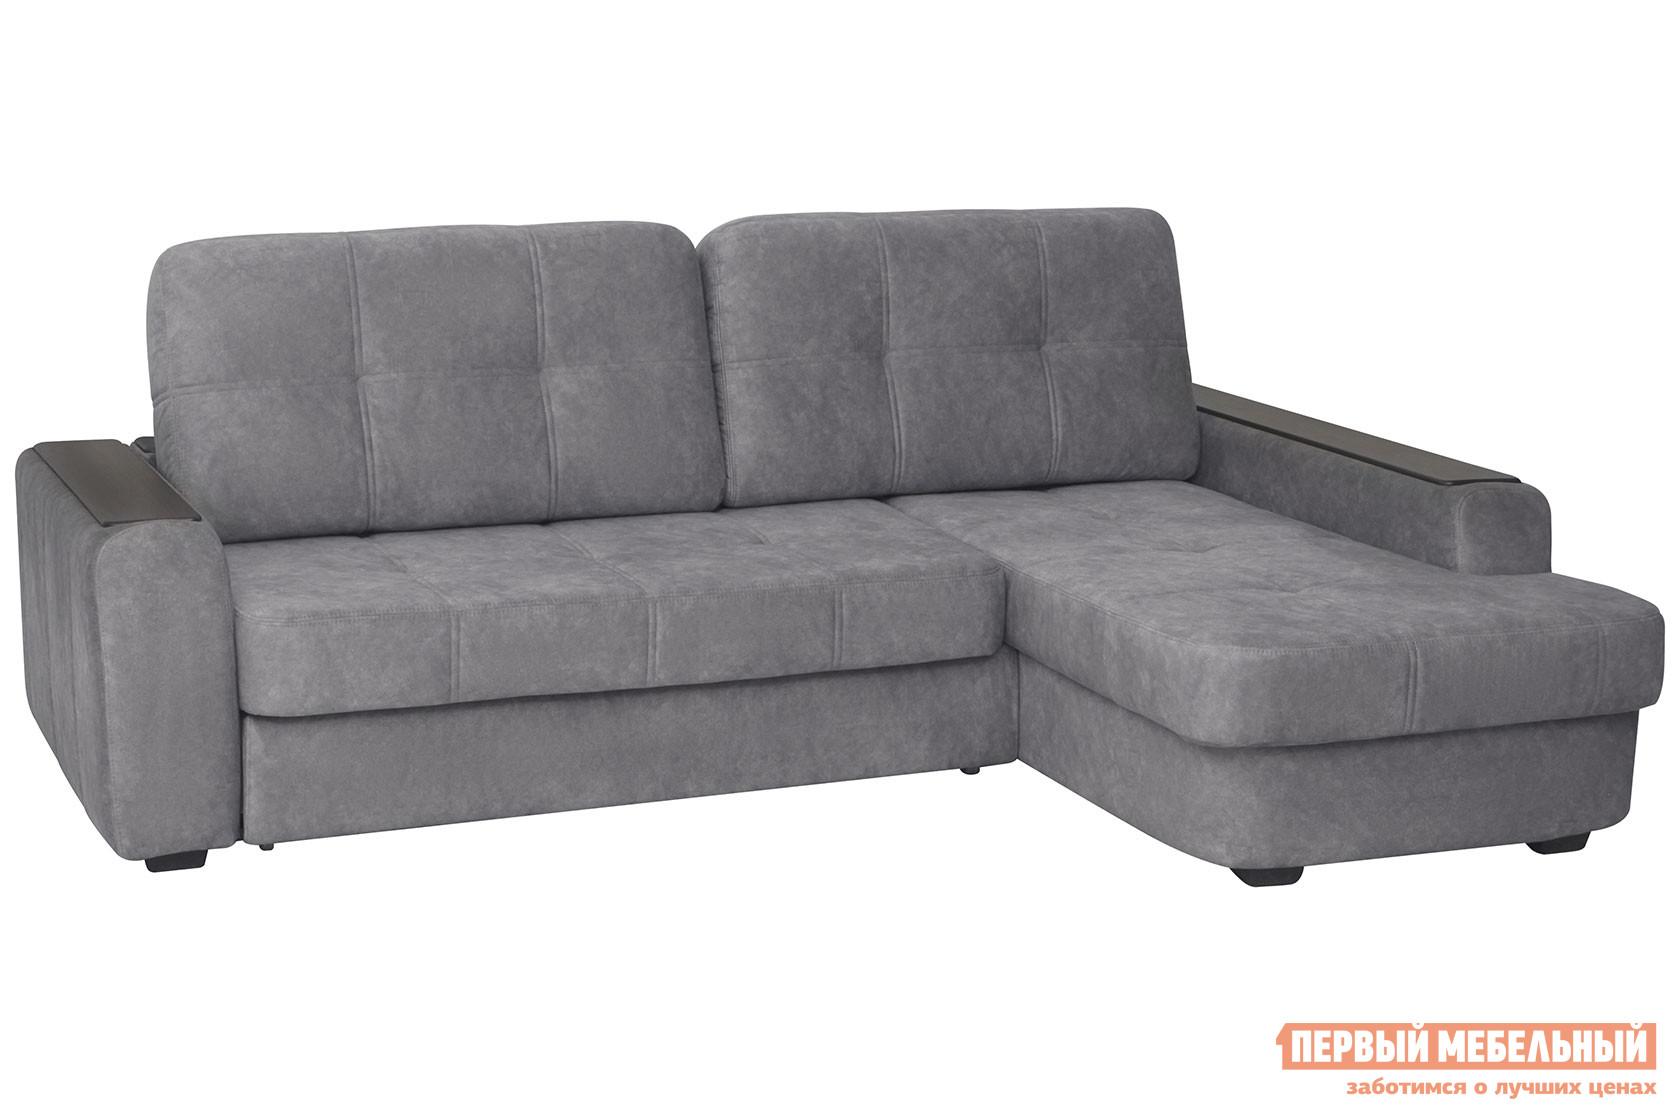 Угловой диван Первый Мебельный Диван Дрезден